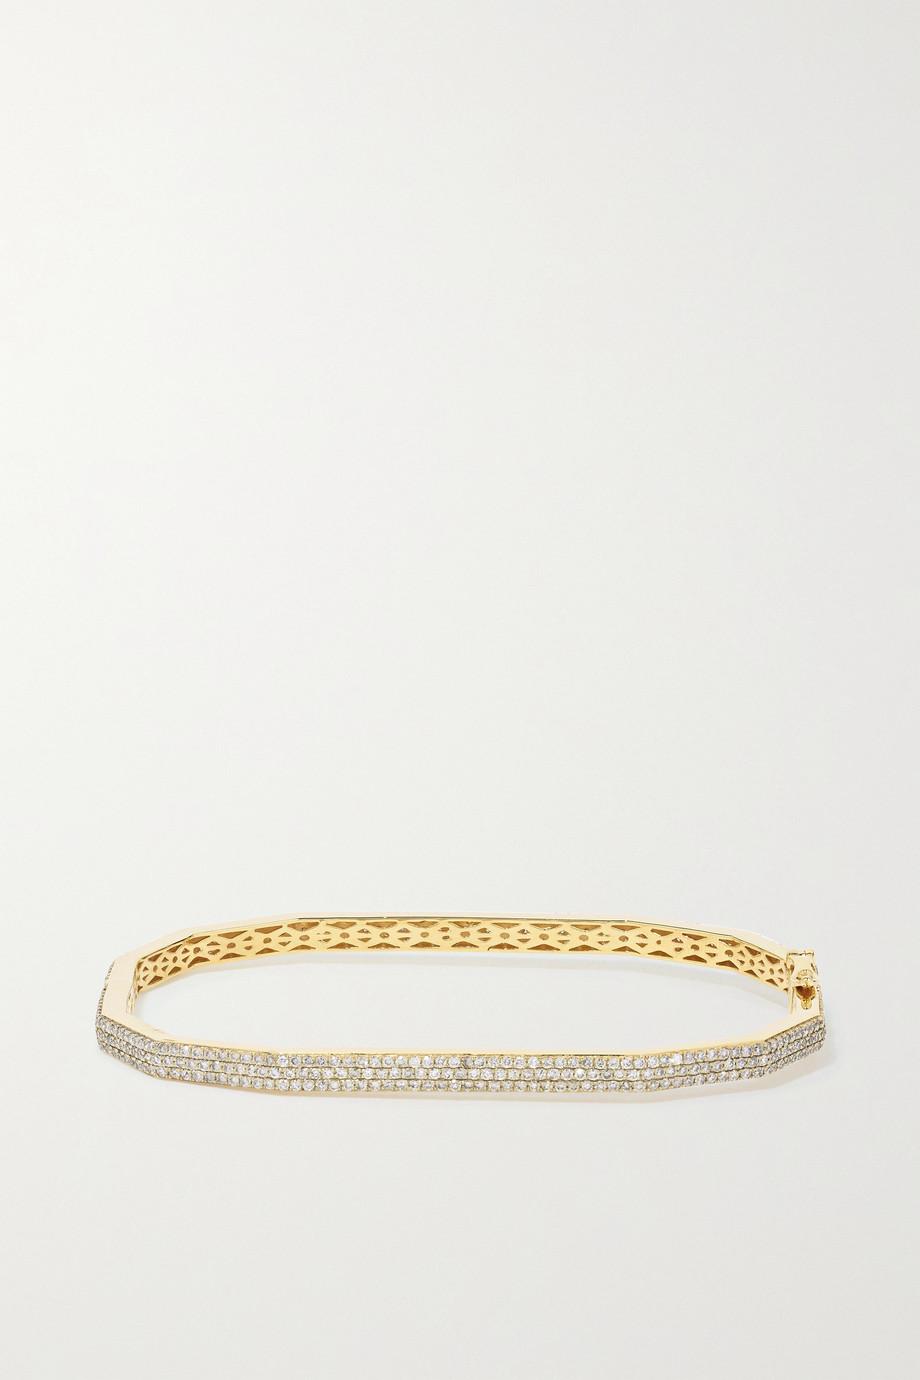 OFIRA Bracelet en or 18 carats et diamants